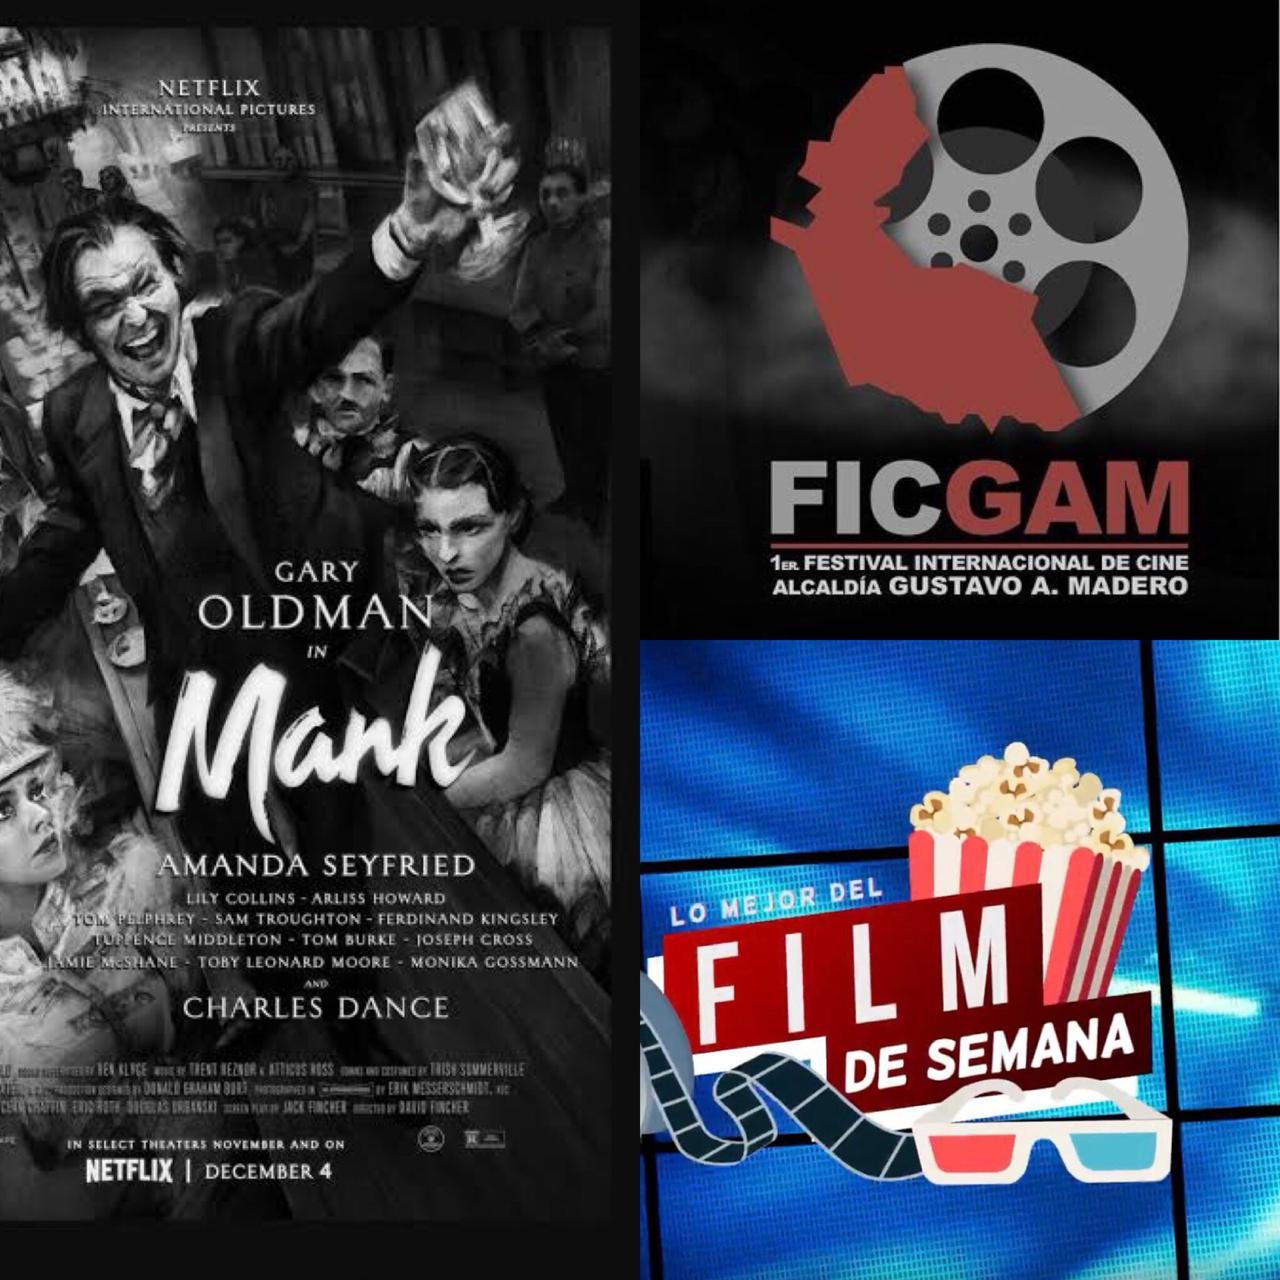 El Film de la Semana  Mank y el 1er FICGAM